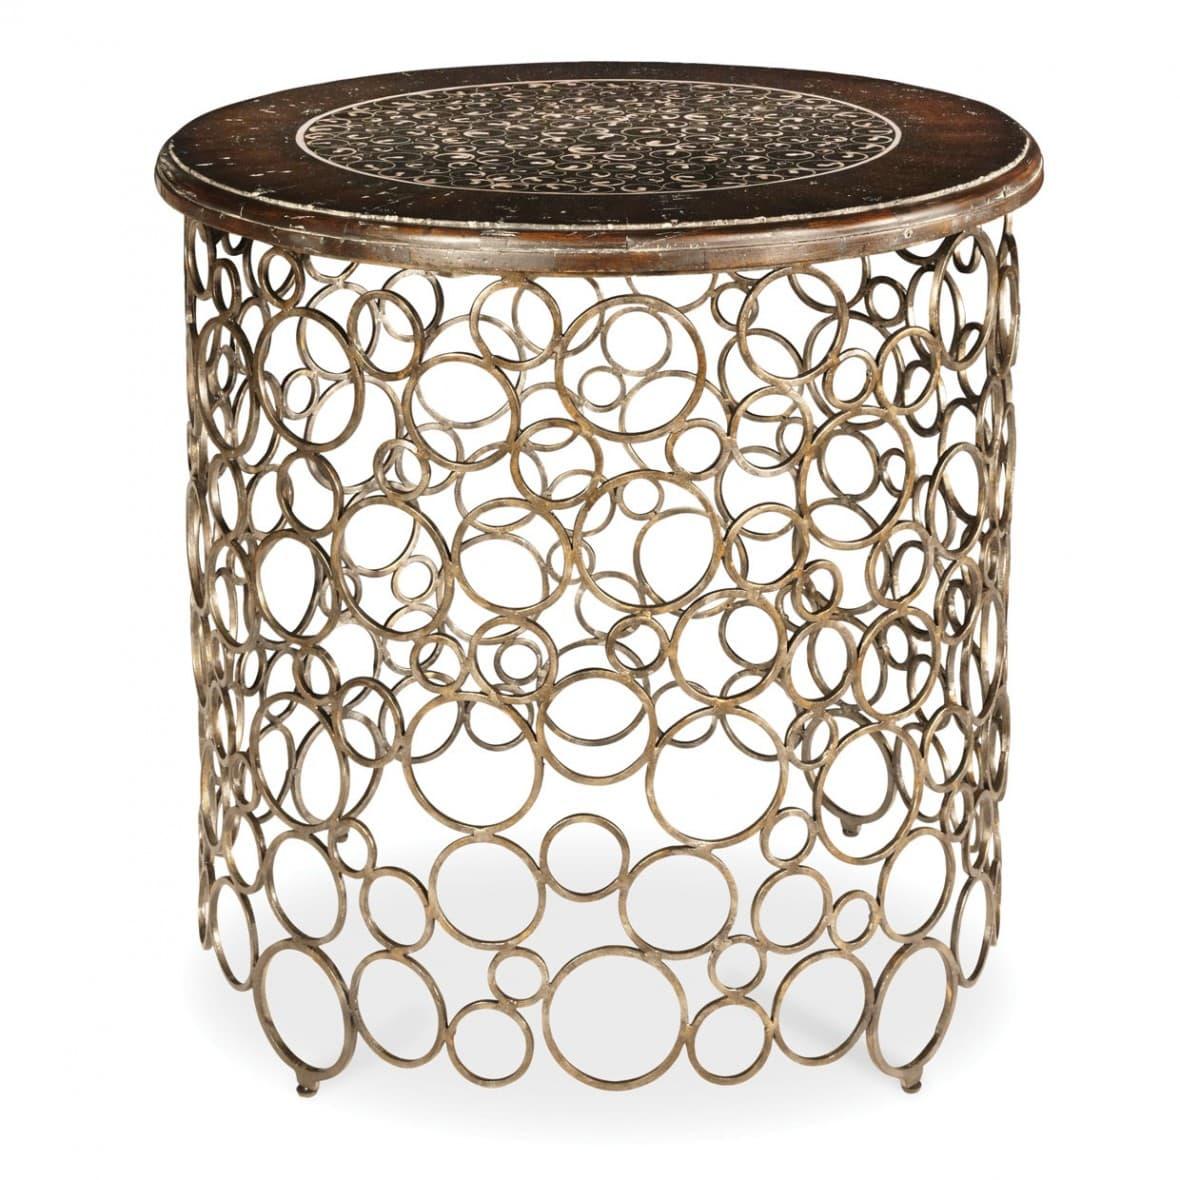 Декоративный столик на кованой пене